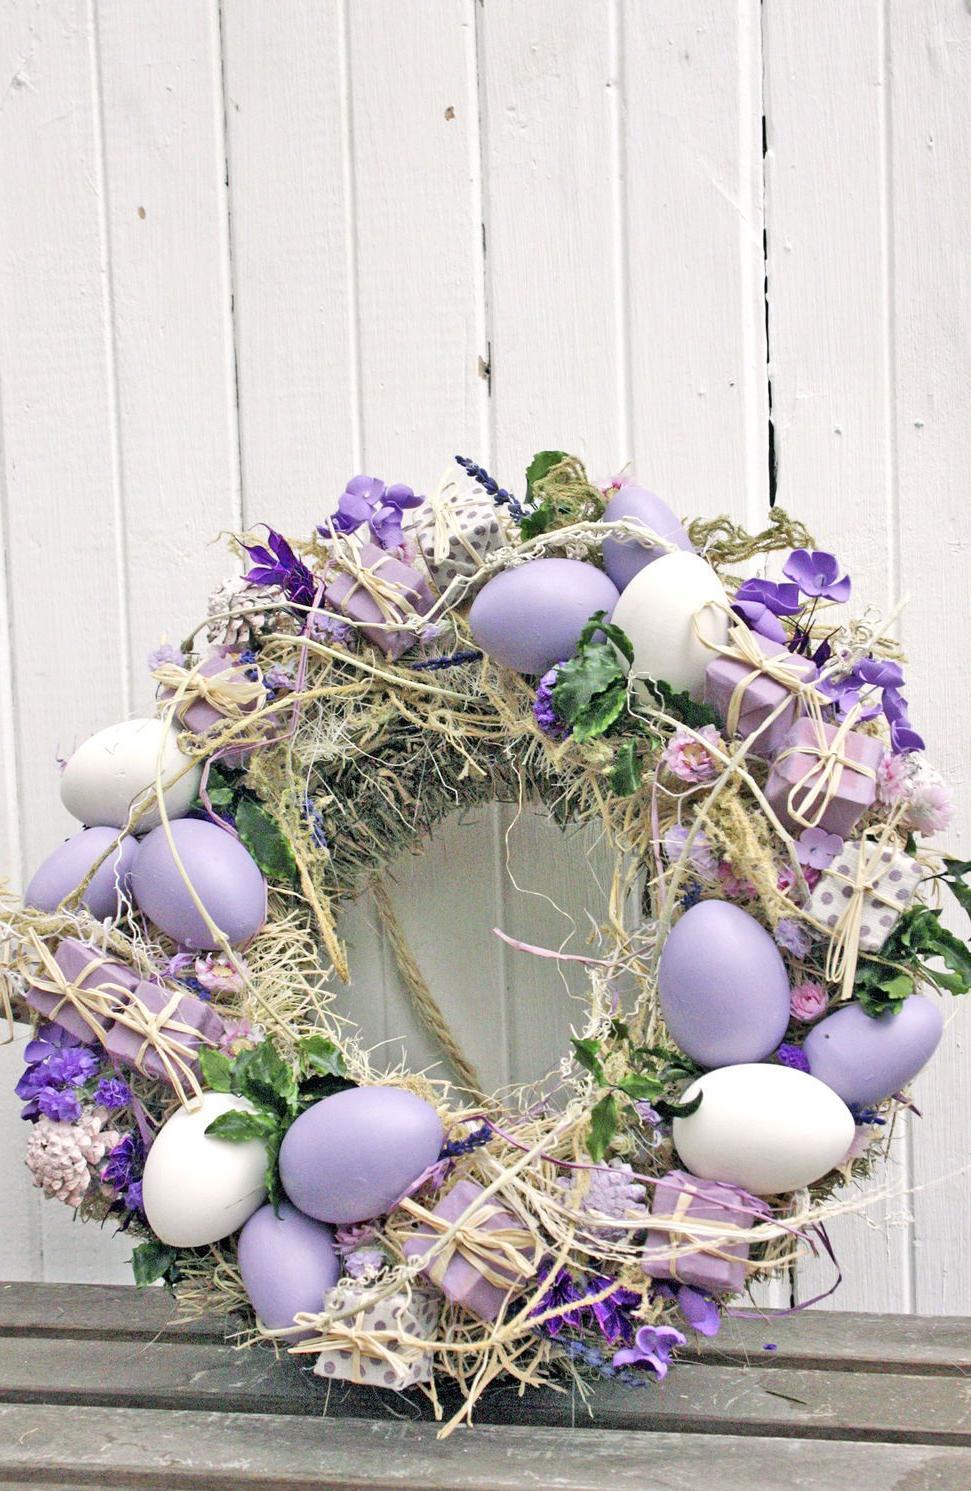 Une excellente idée pour une décoration de couronne de fleurs pour Pâques